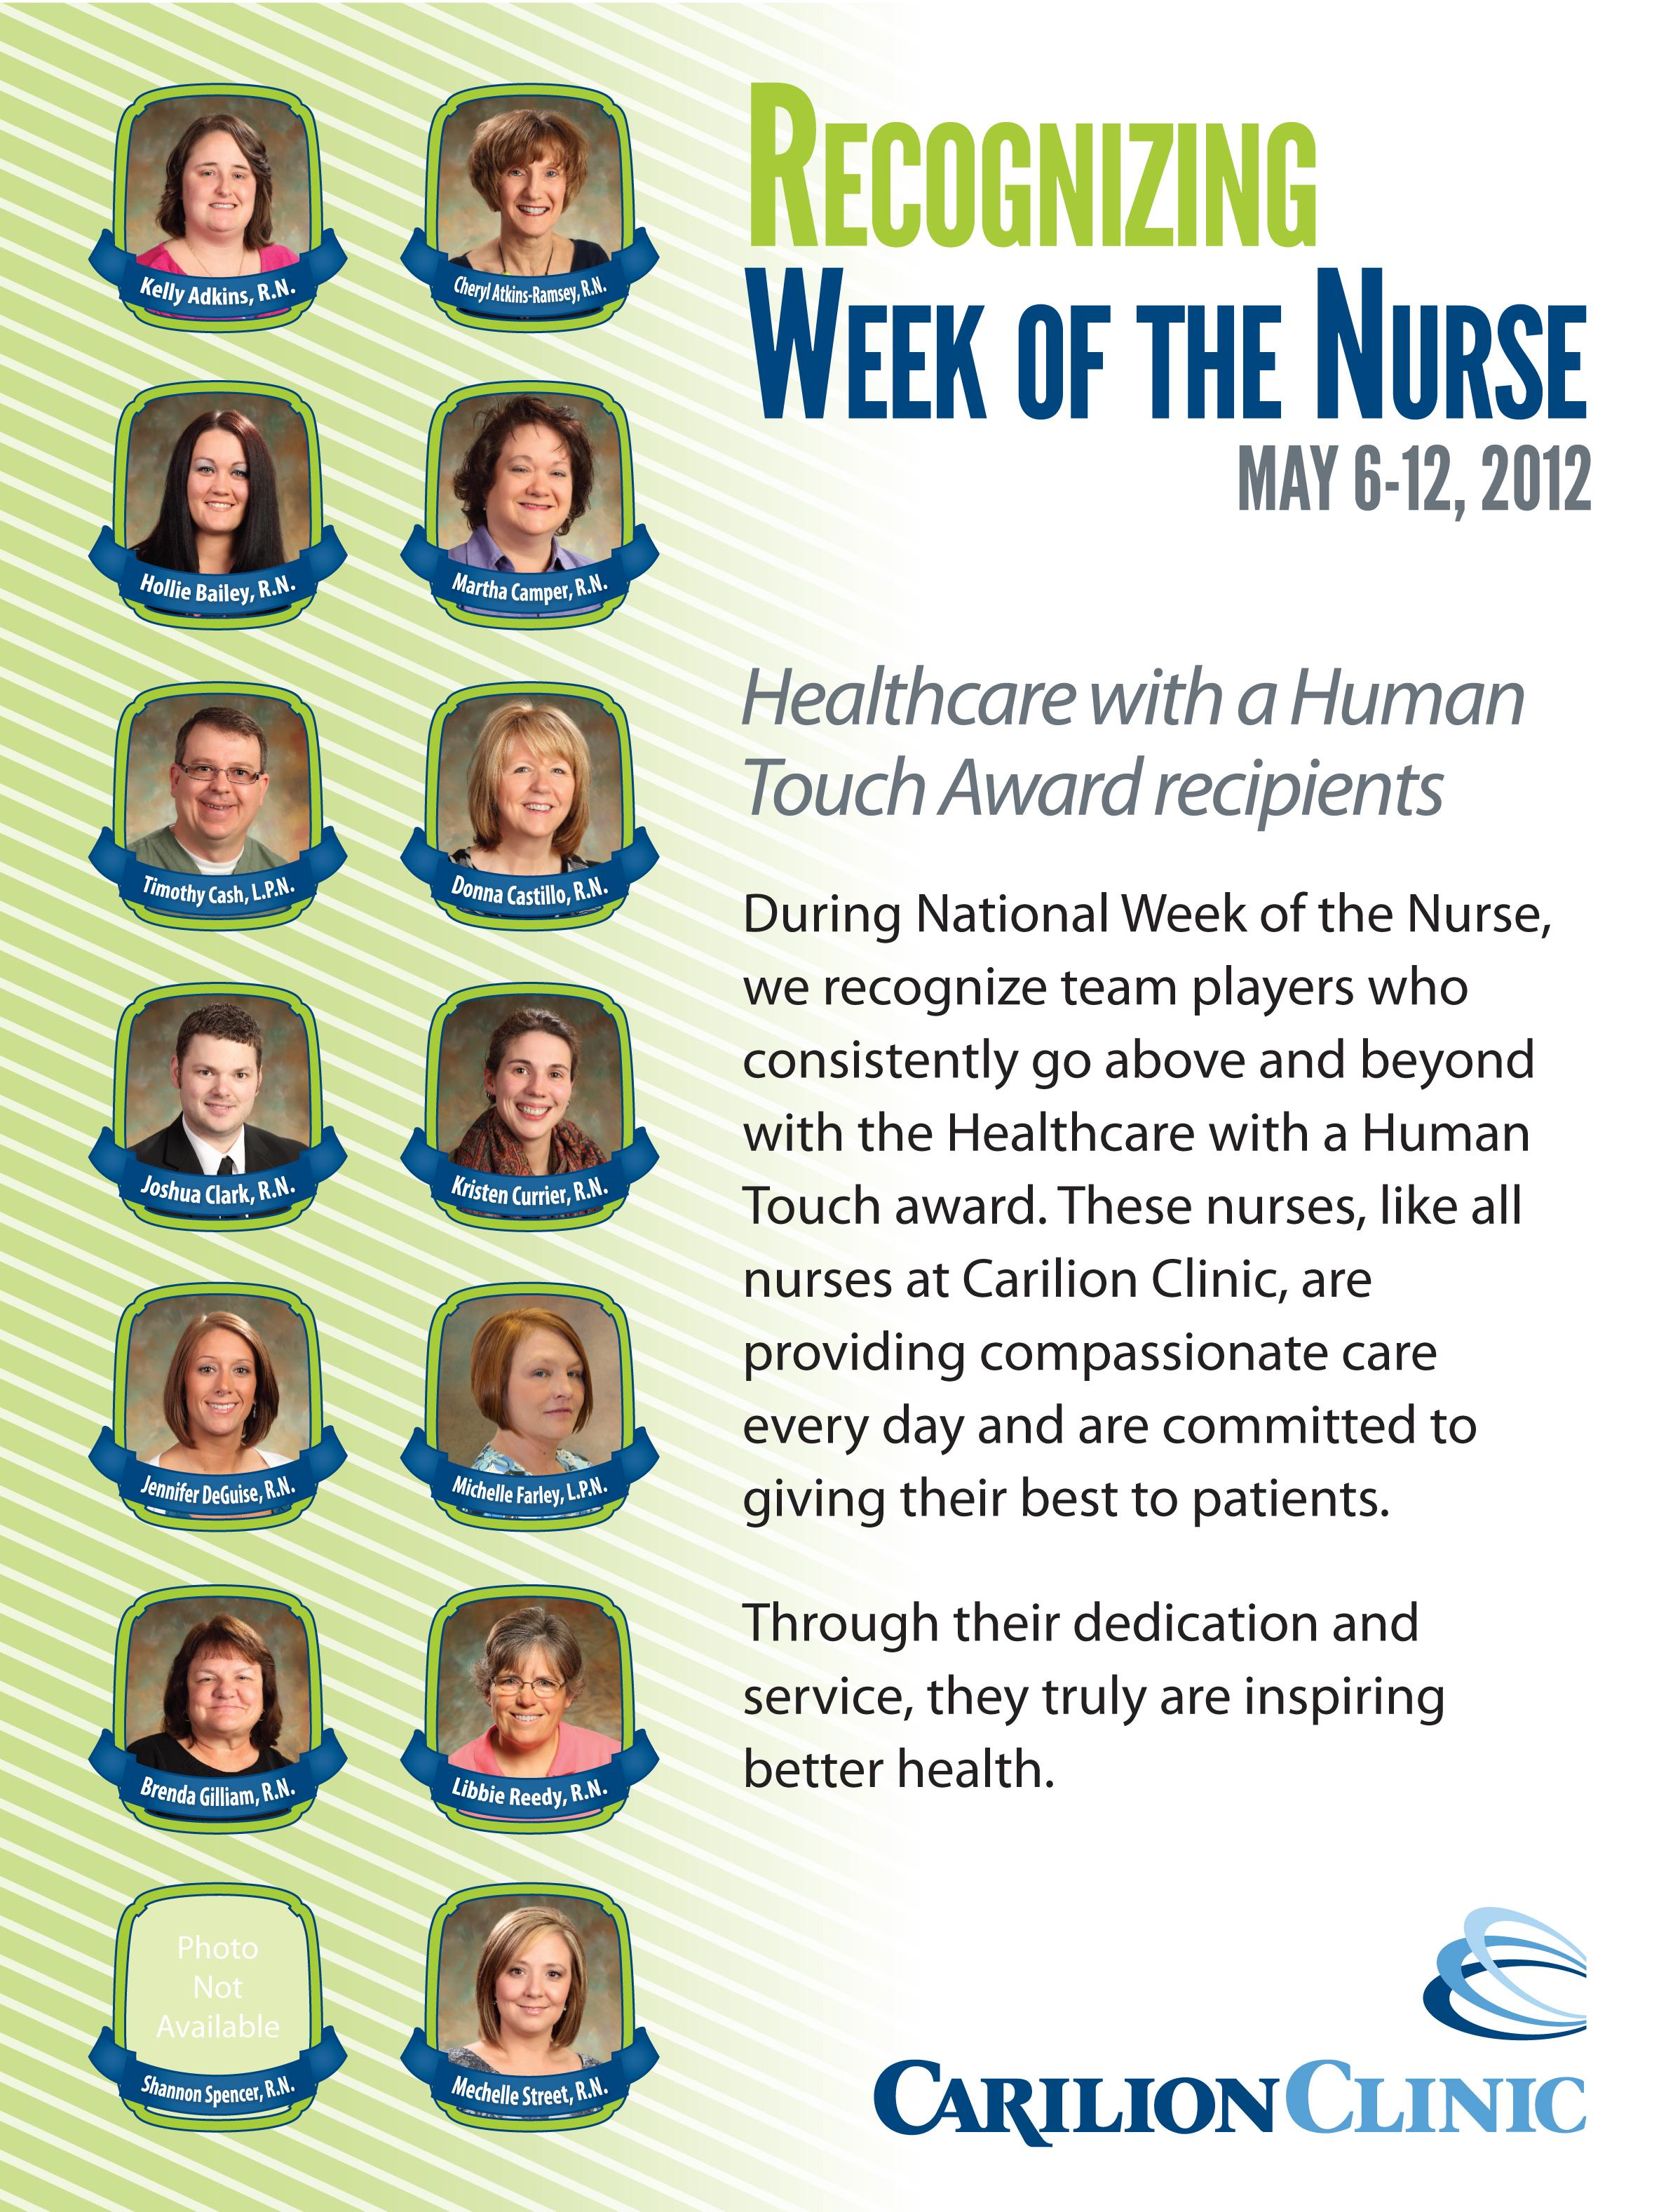 J950 Week of the Nurse 2012 flyer.jpg